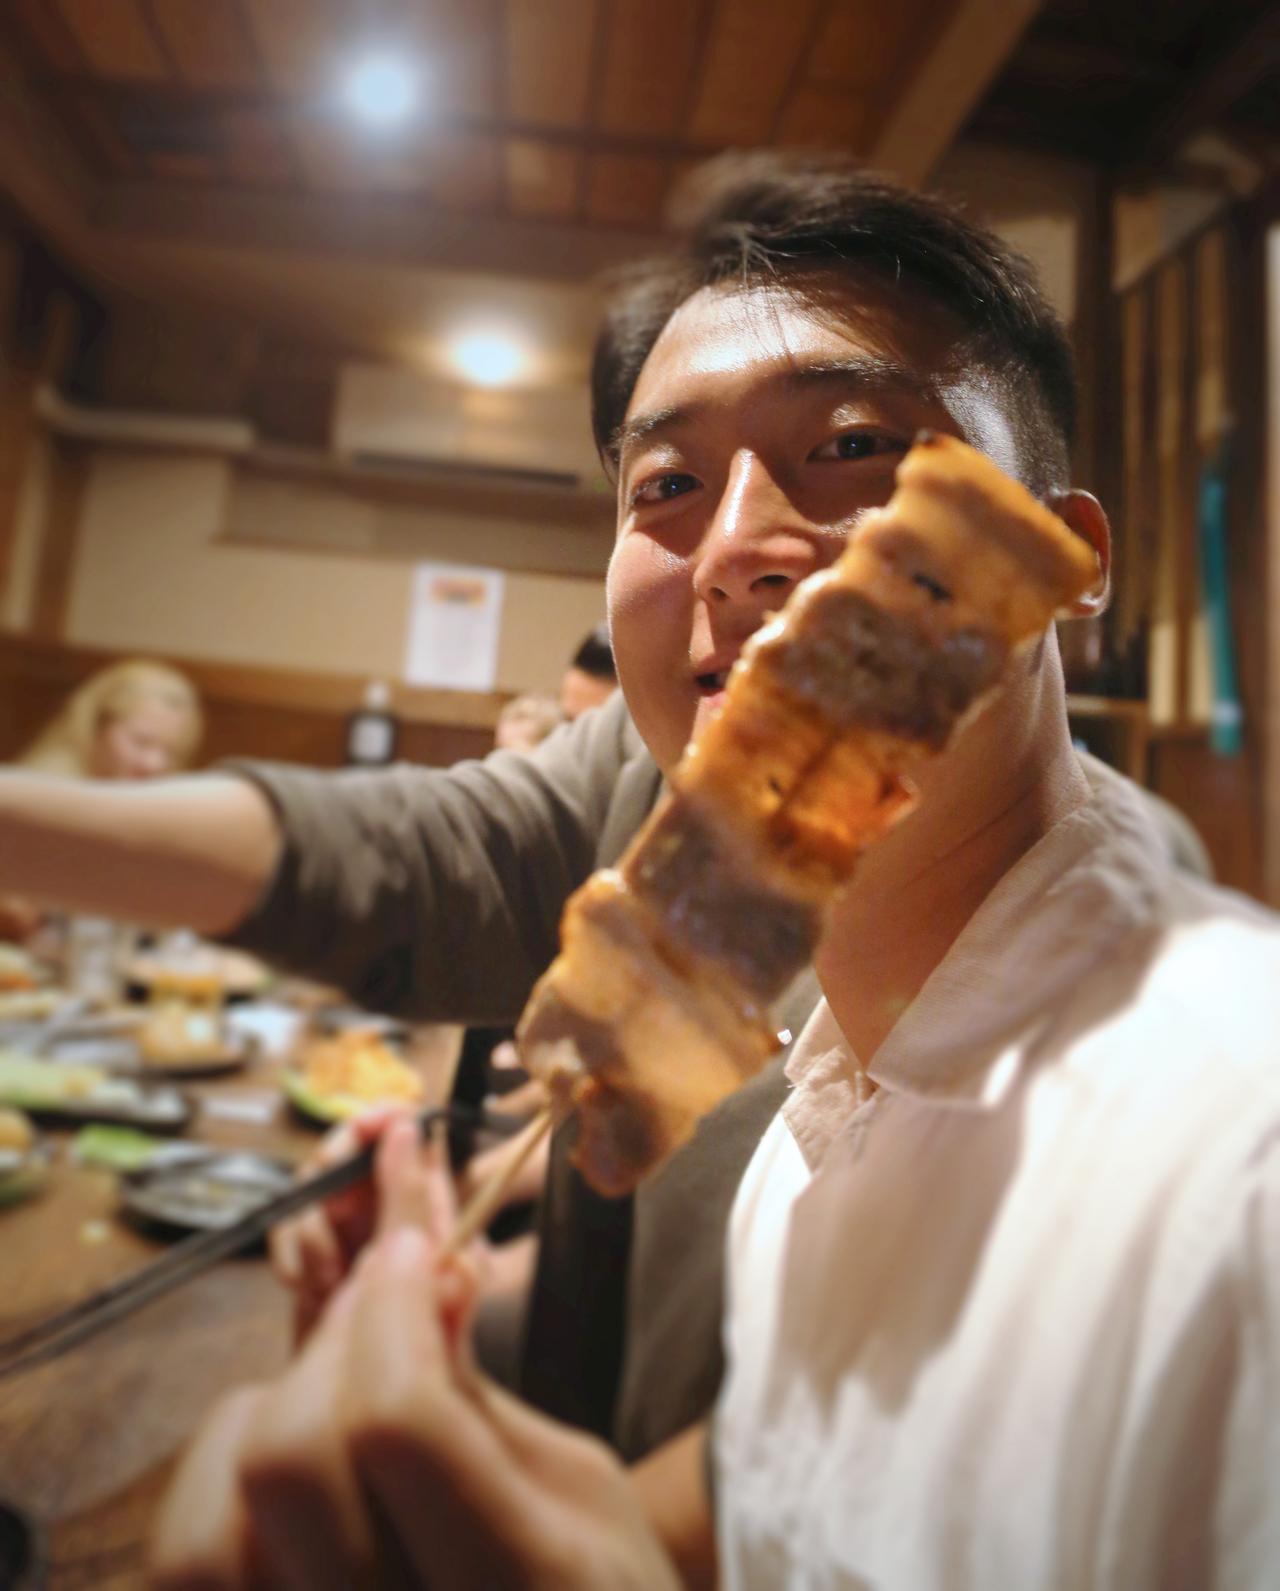 画像1: 博多によーきんしゃったね!  グローバルでディープな博多の今をリアルにレポート! 「博多では豚も鳥になるって知っとう?」編〜